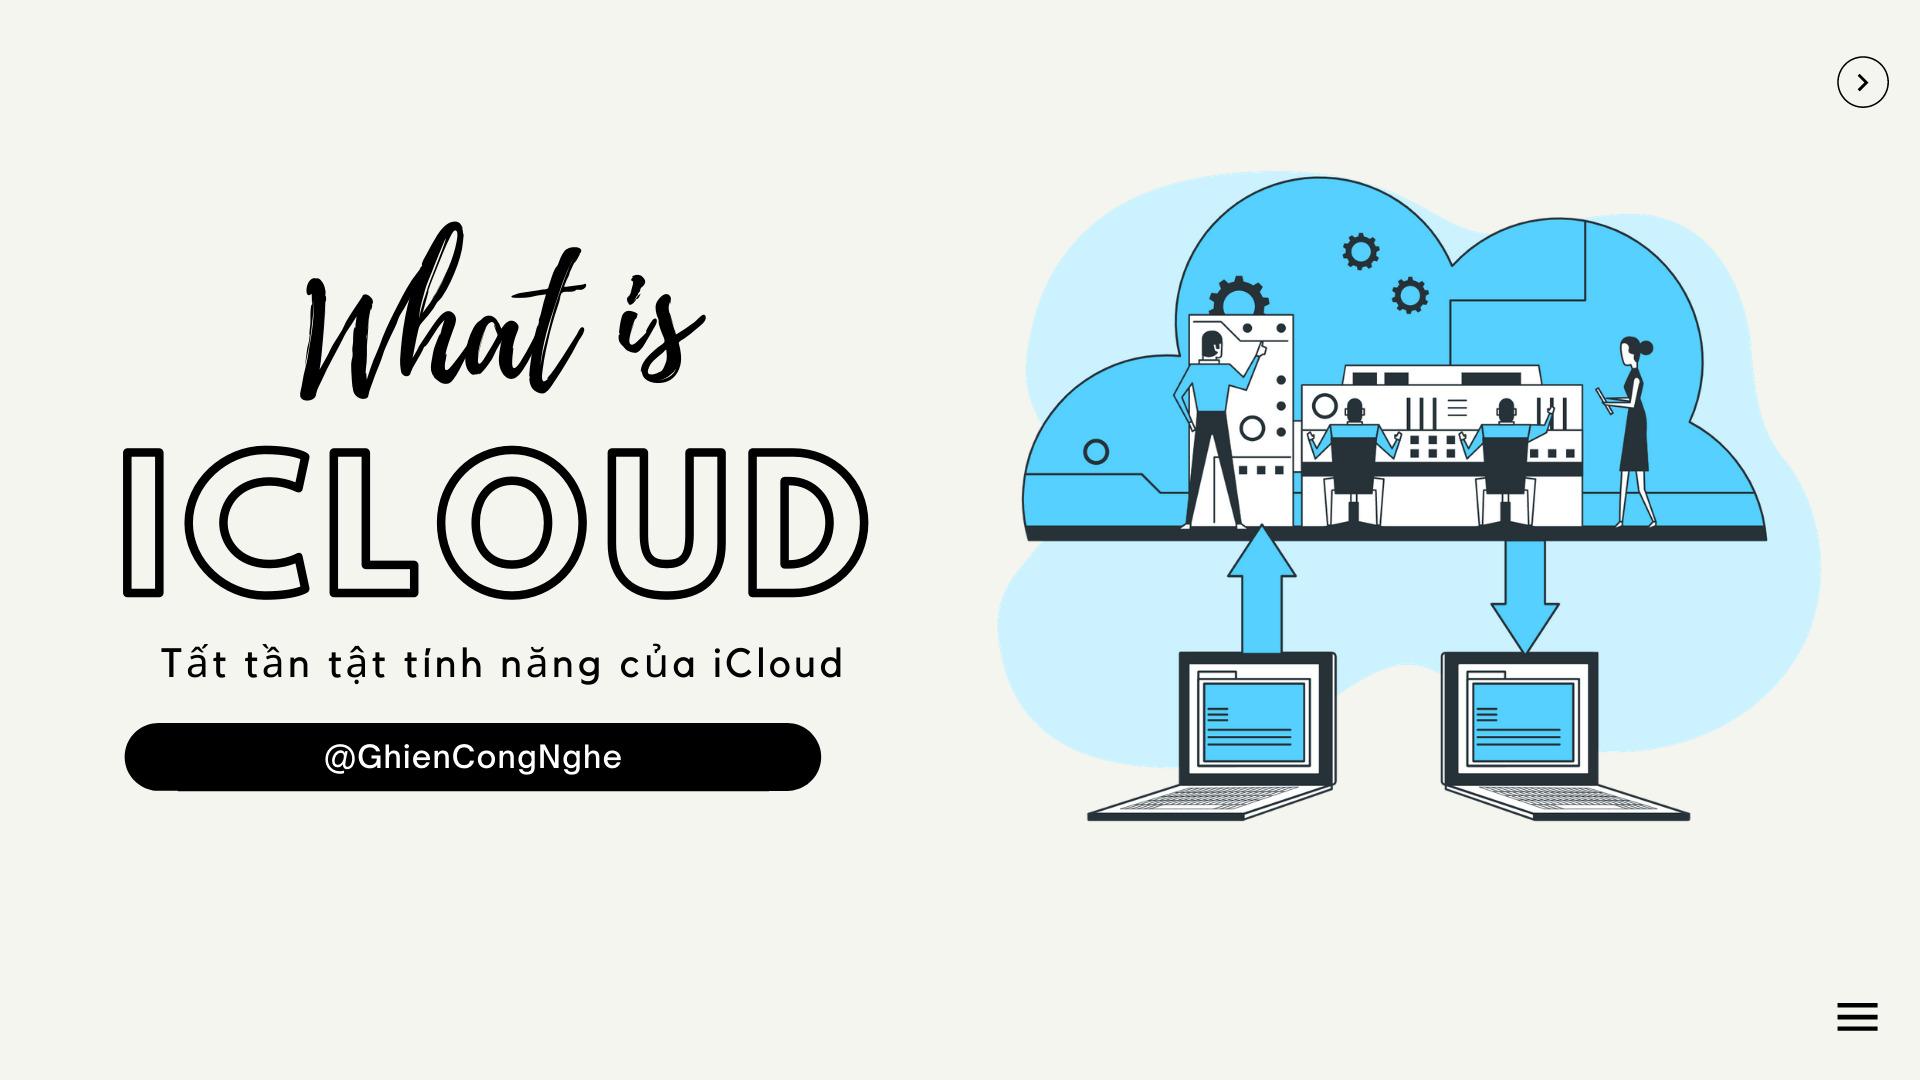 iCloud là gì và bật mí 1001 các tính năng của iCloud